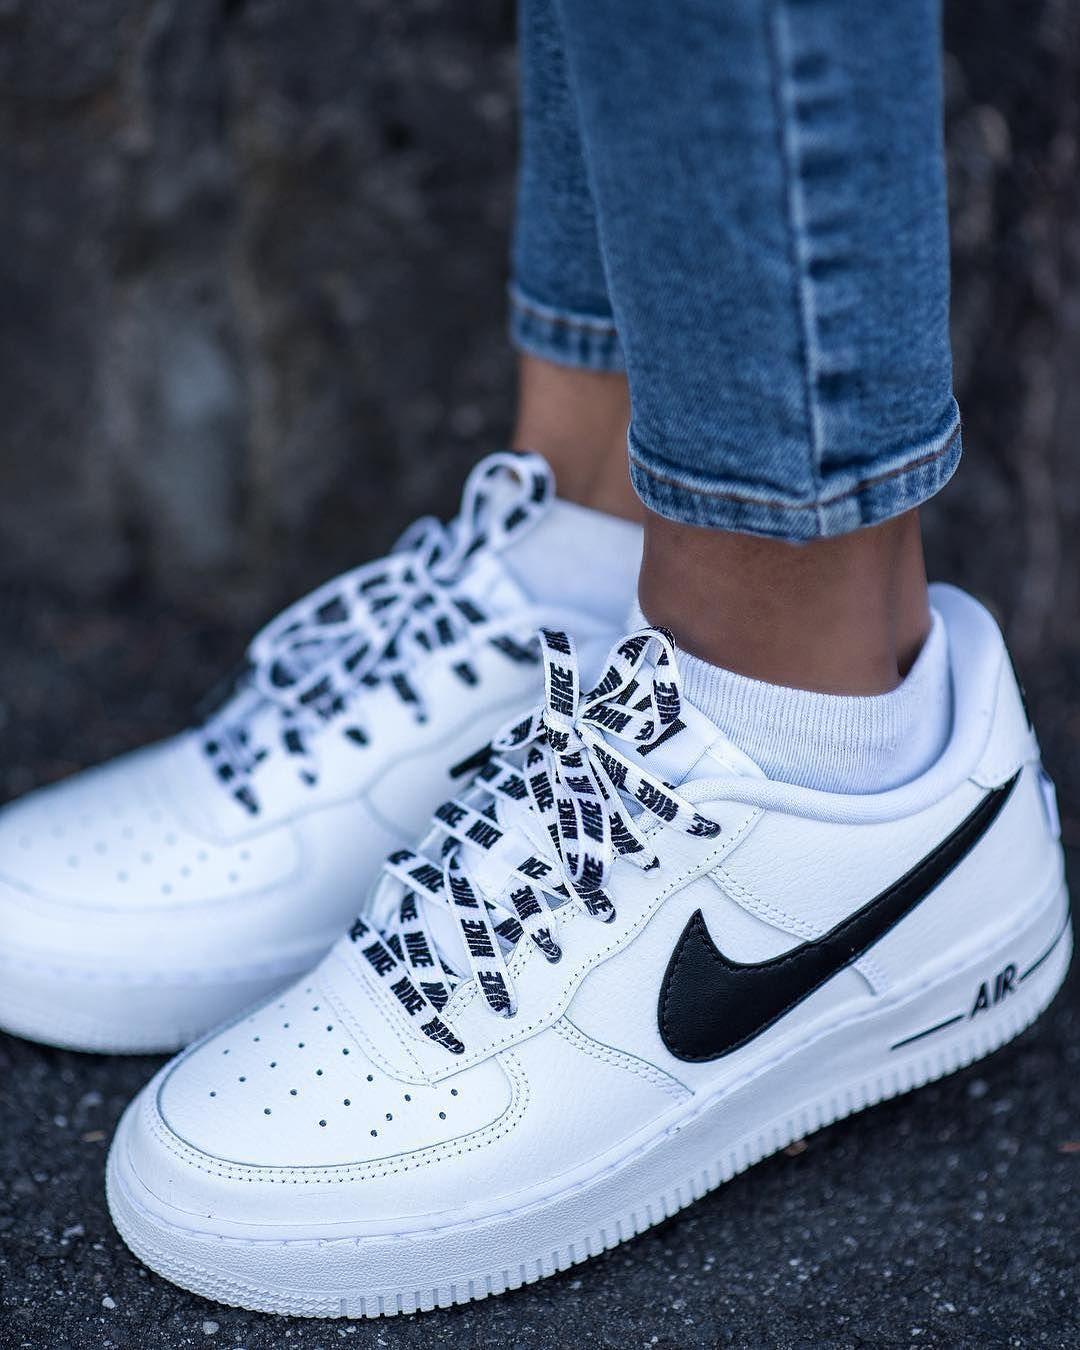 buy online 28011 e42d3 Der Nike Air Force 1 bleibt einfach einer der